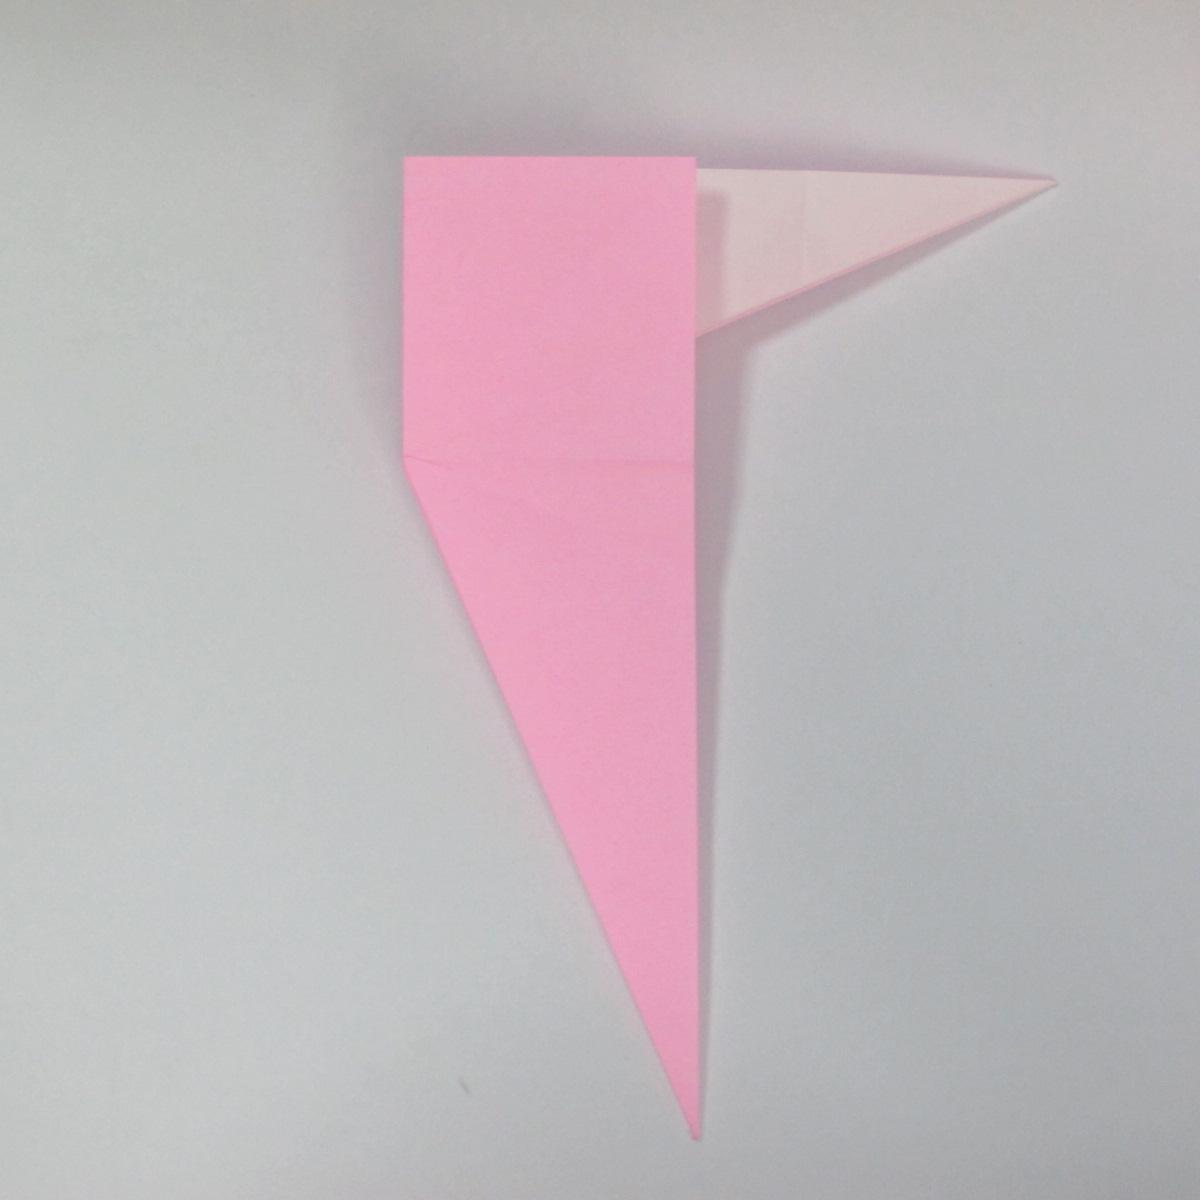 สอนการพับกระดาษเป็นลูกสุนัขชเนาเซอร์ (Origami Schnauzer Puppy) 025